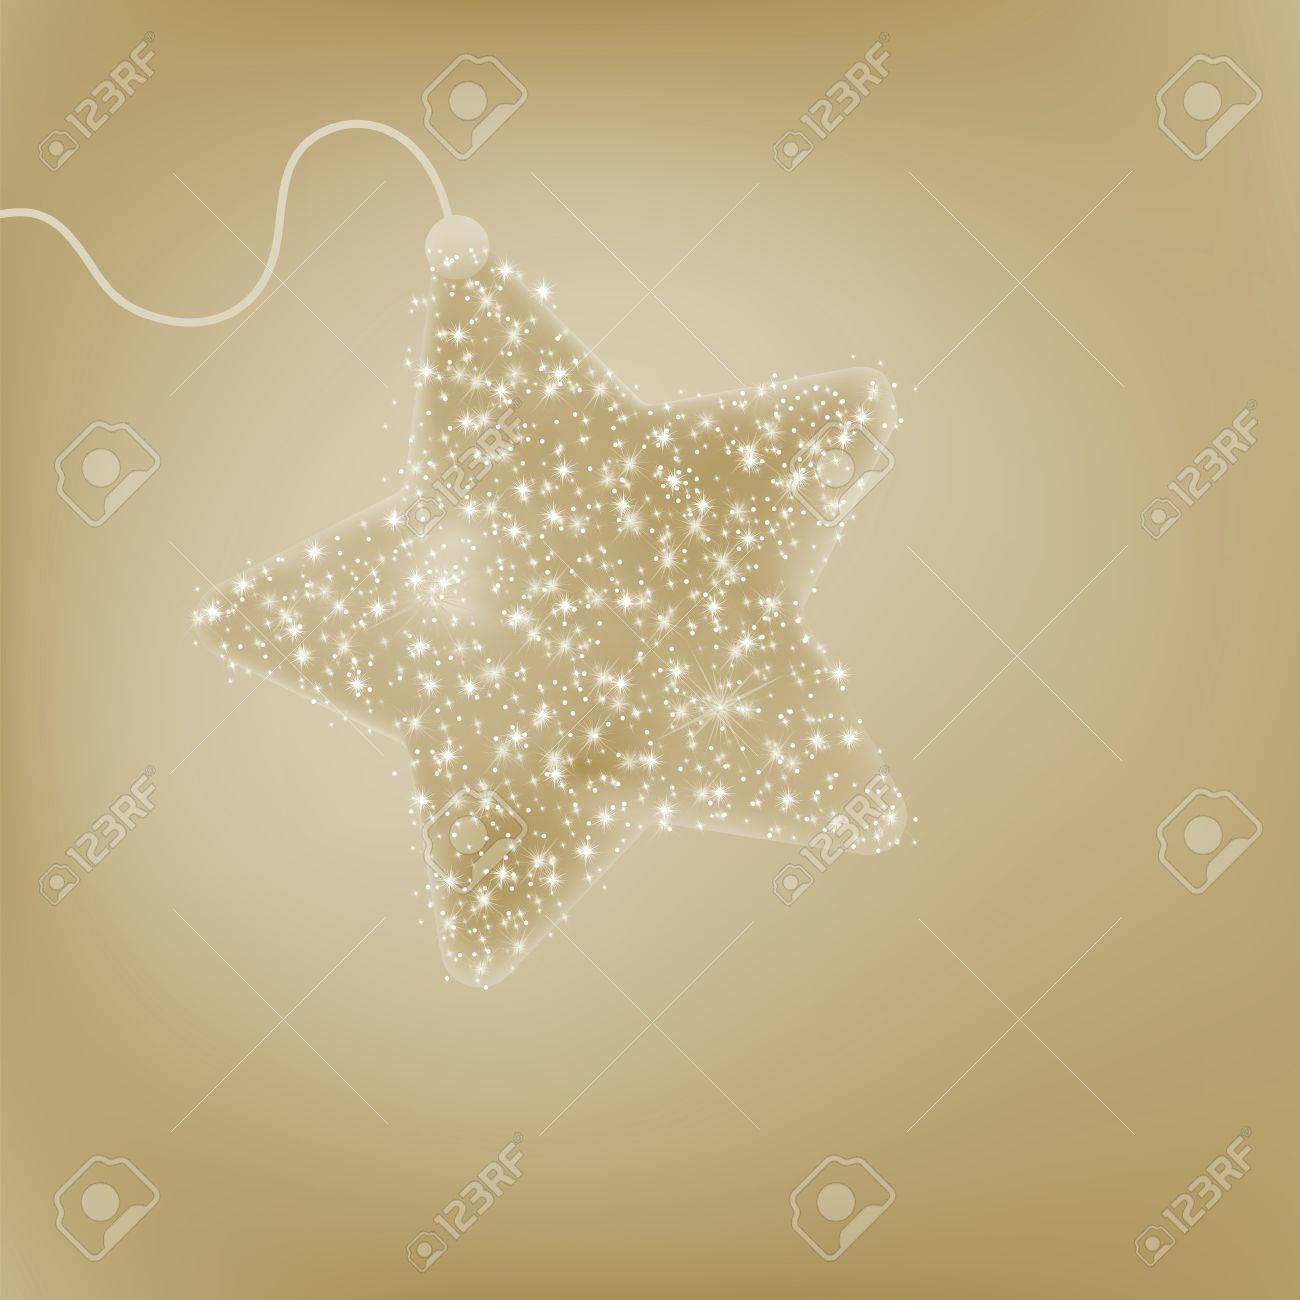 elegante estrella de la navidad tarjeta postal con una estrella brillando de color beige foto